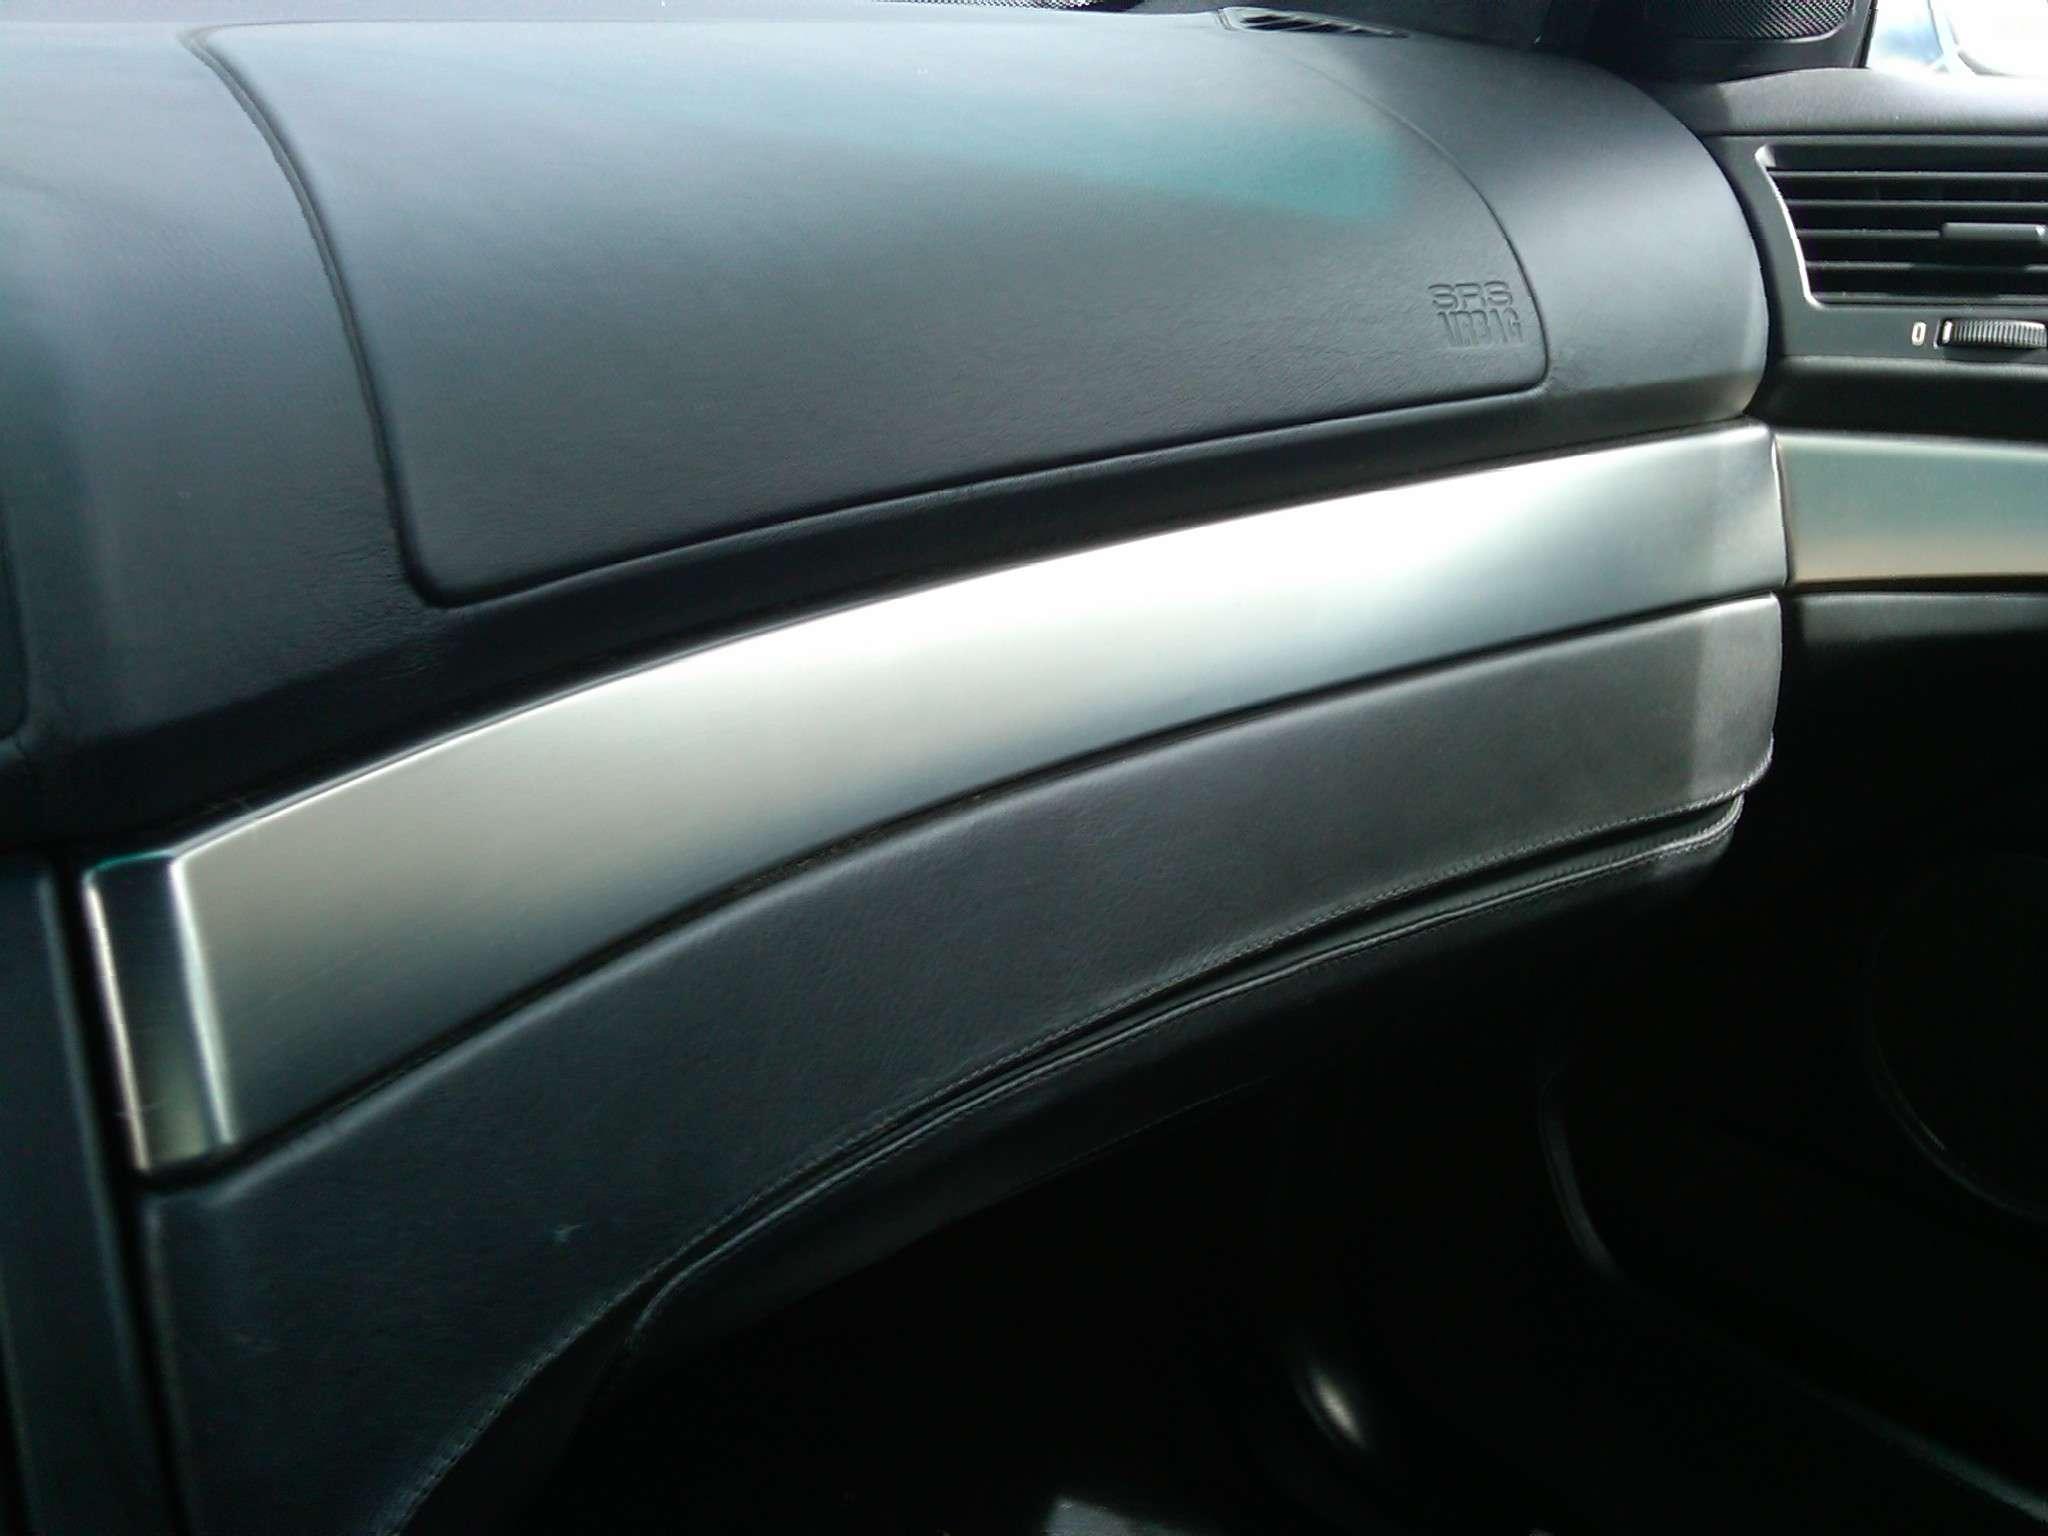 Bmw 325i For Sale >> E39 (96-03) For Sale FS: OEM Brushed Aluminum Titanium Interior Trim Set for E39 / M5 - BMW M5 ...